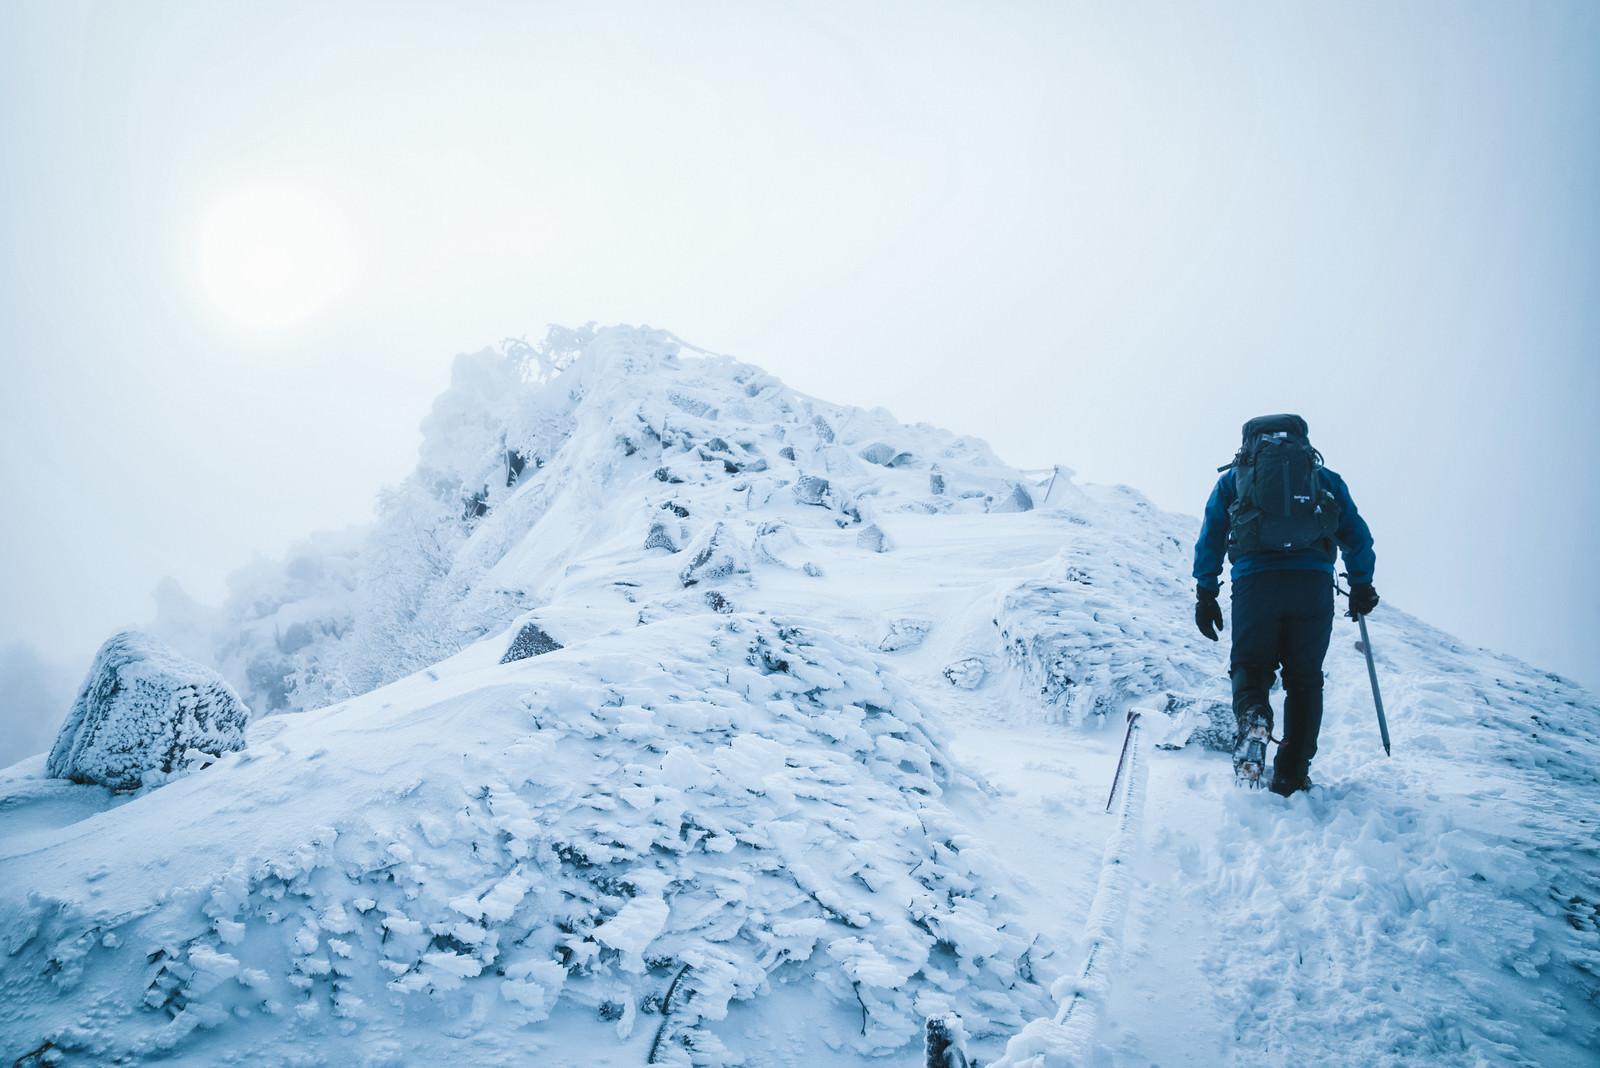 「厳冬期の天狗岳の頂上を目指す登山者」の写真